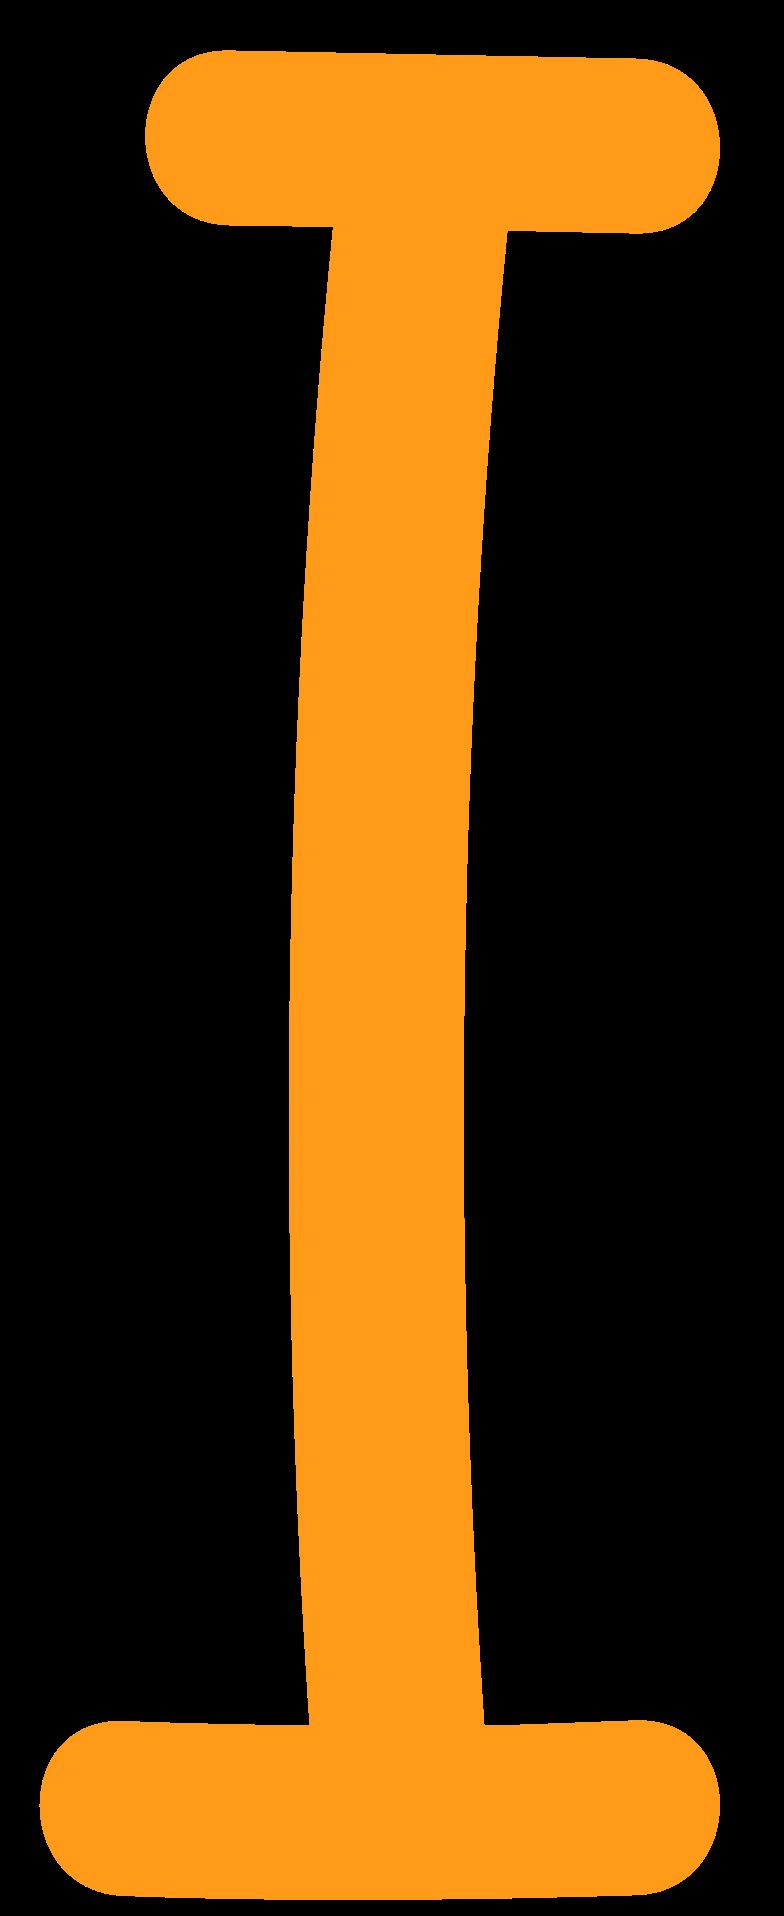 Клипарт Я желтый в PNG и SVG